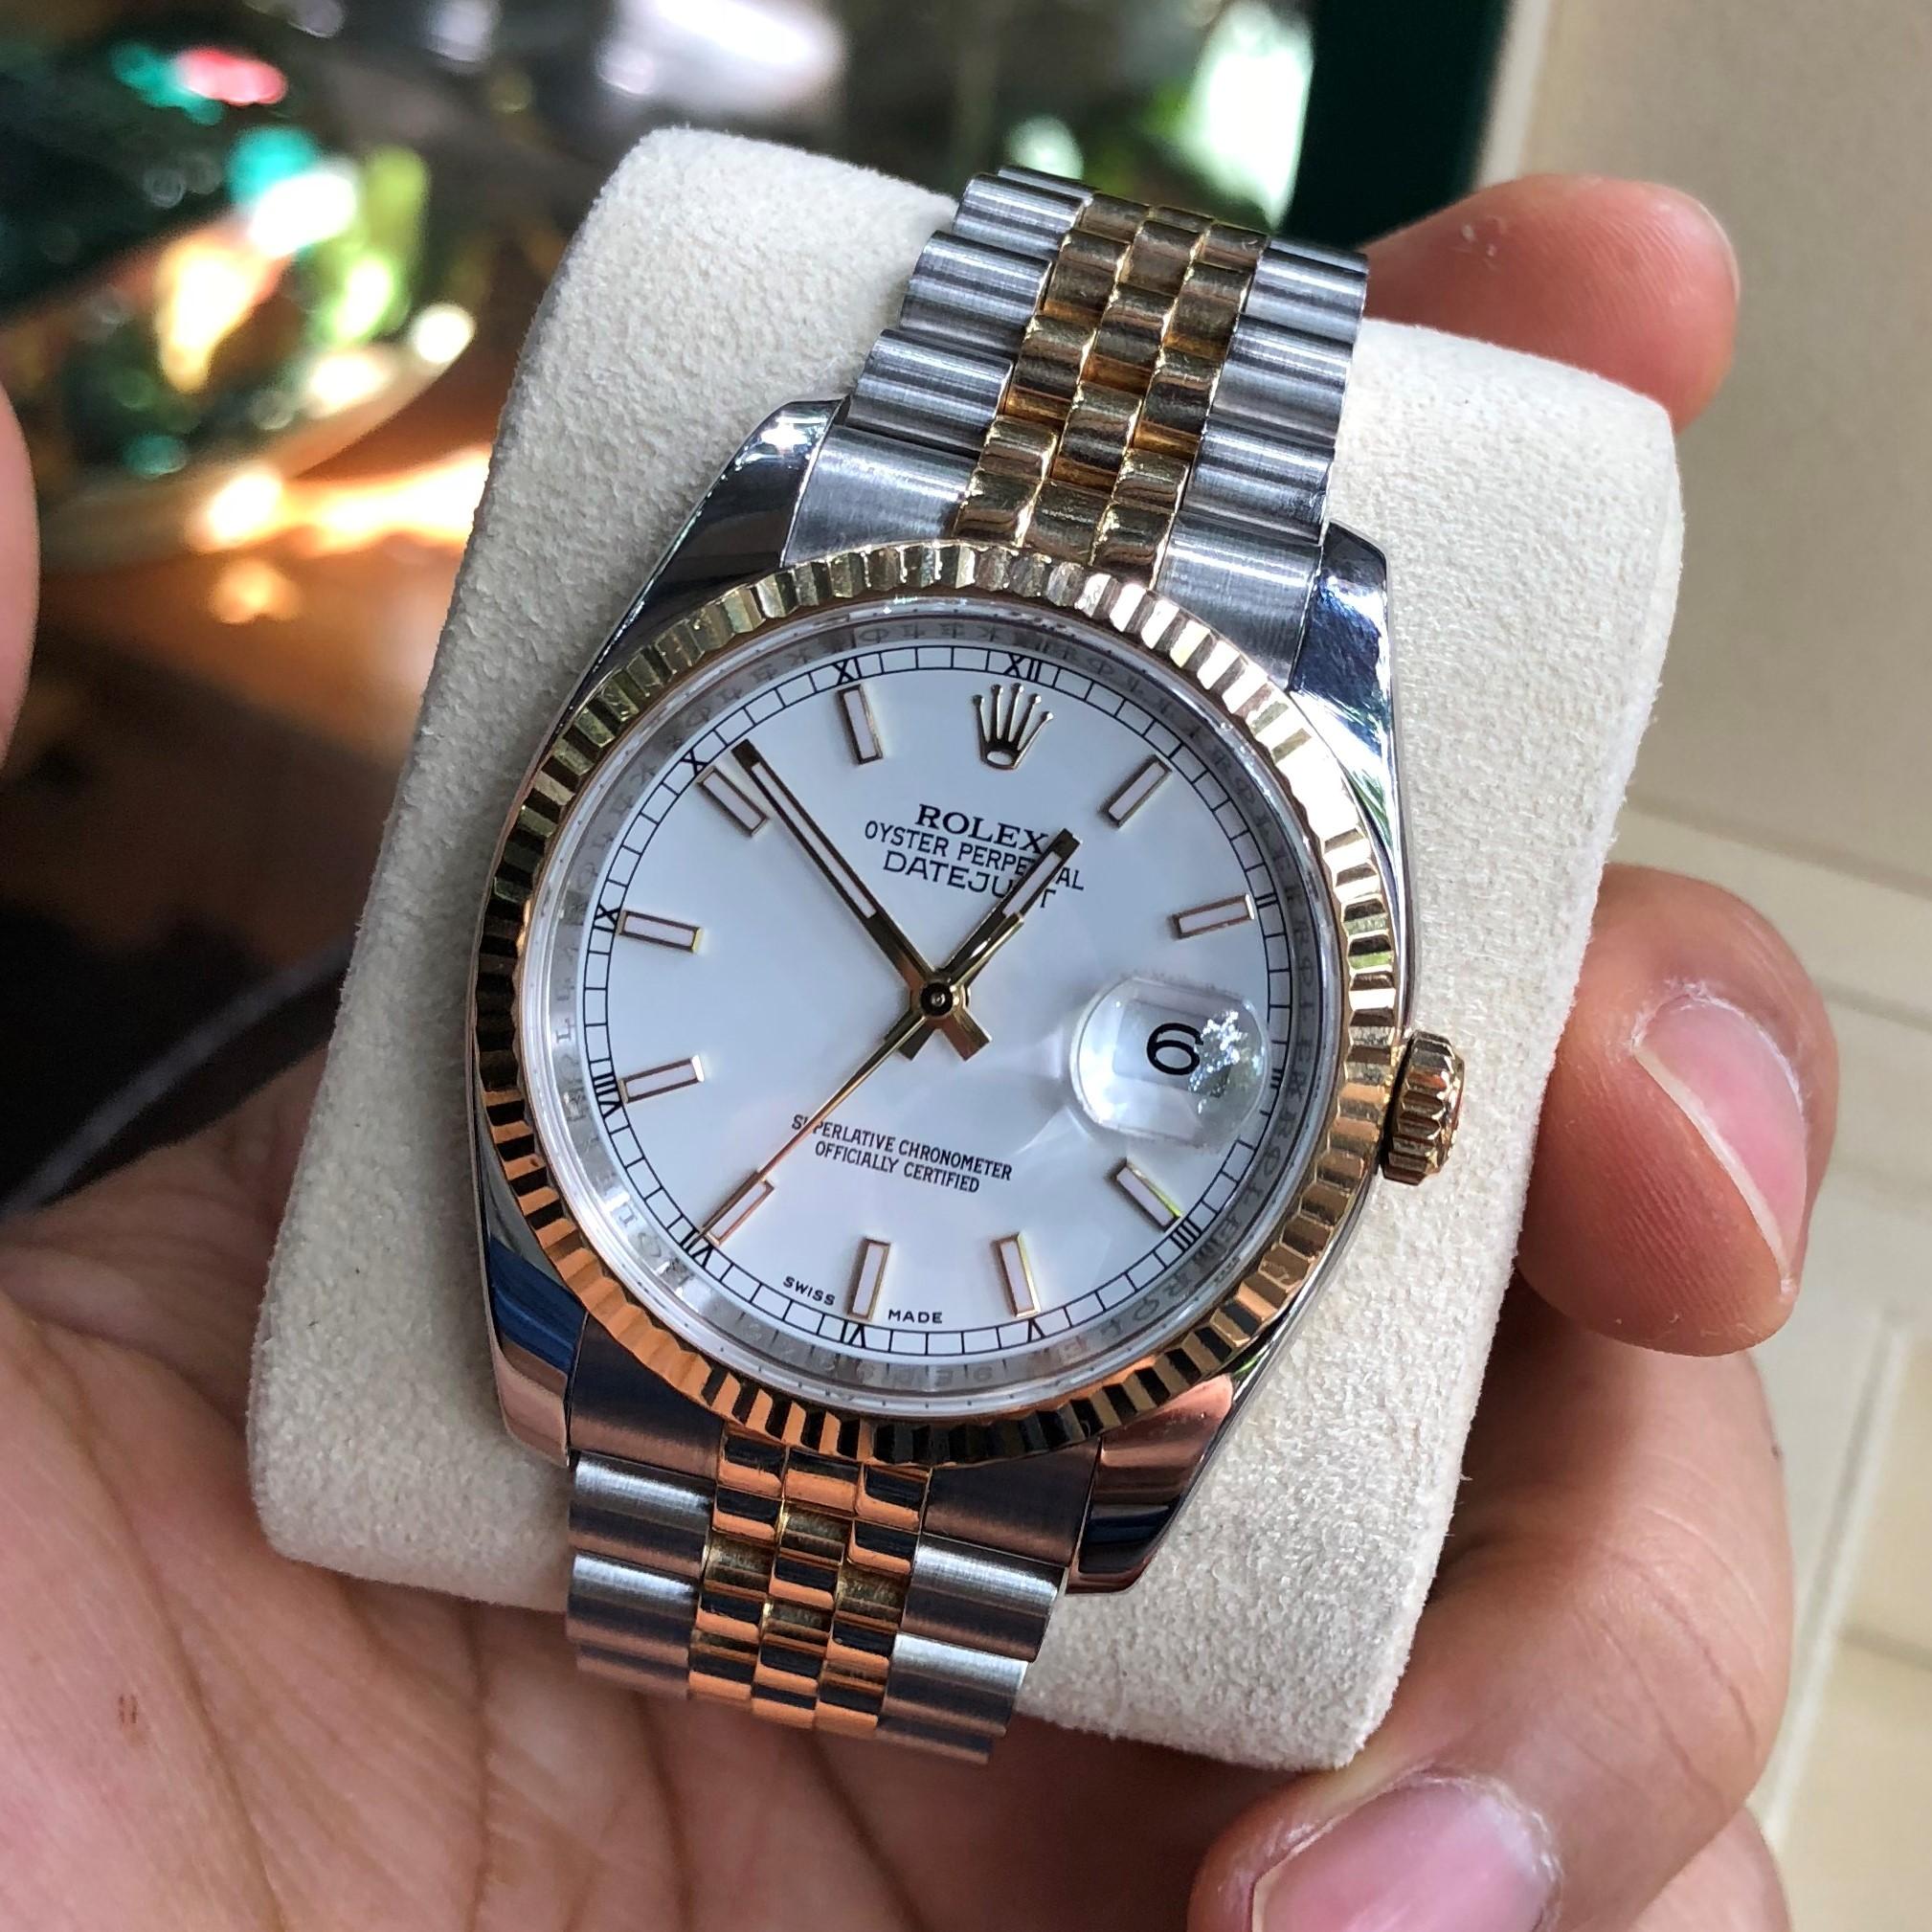 Rolex 116233 mặt trắng men demi vàng 18k lịch đỏ/đen đời 2017/2018